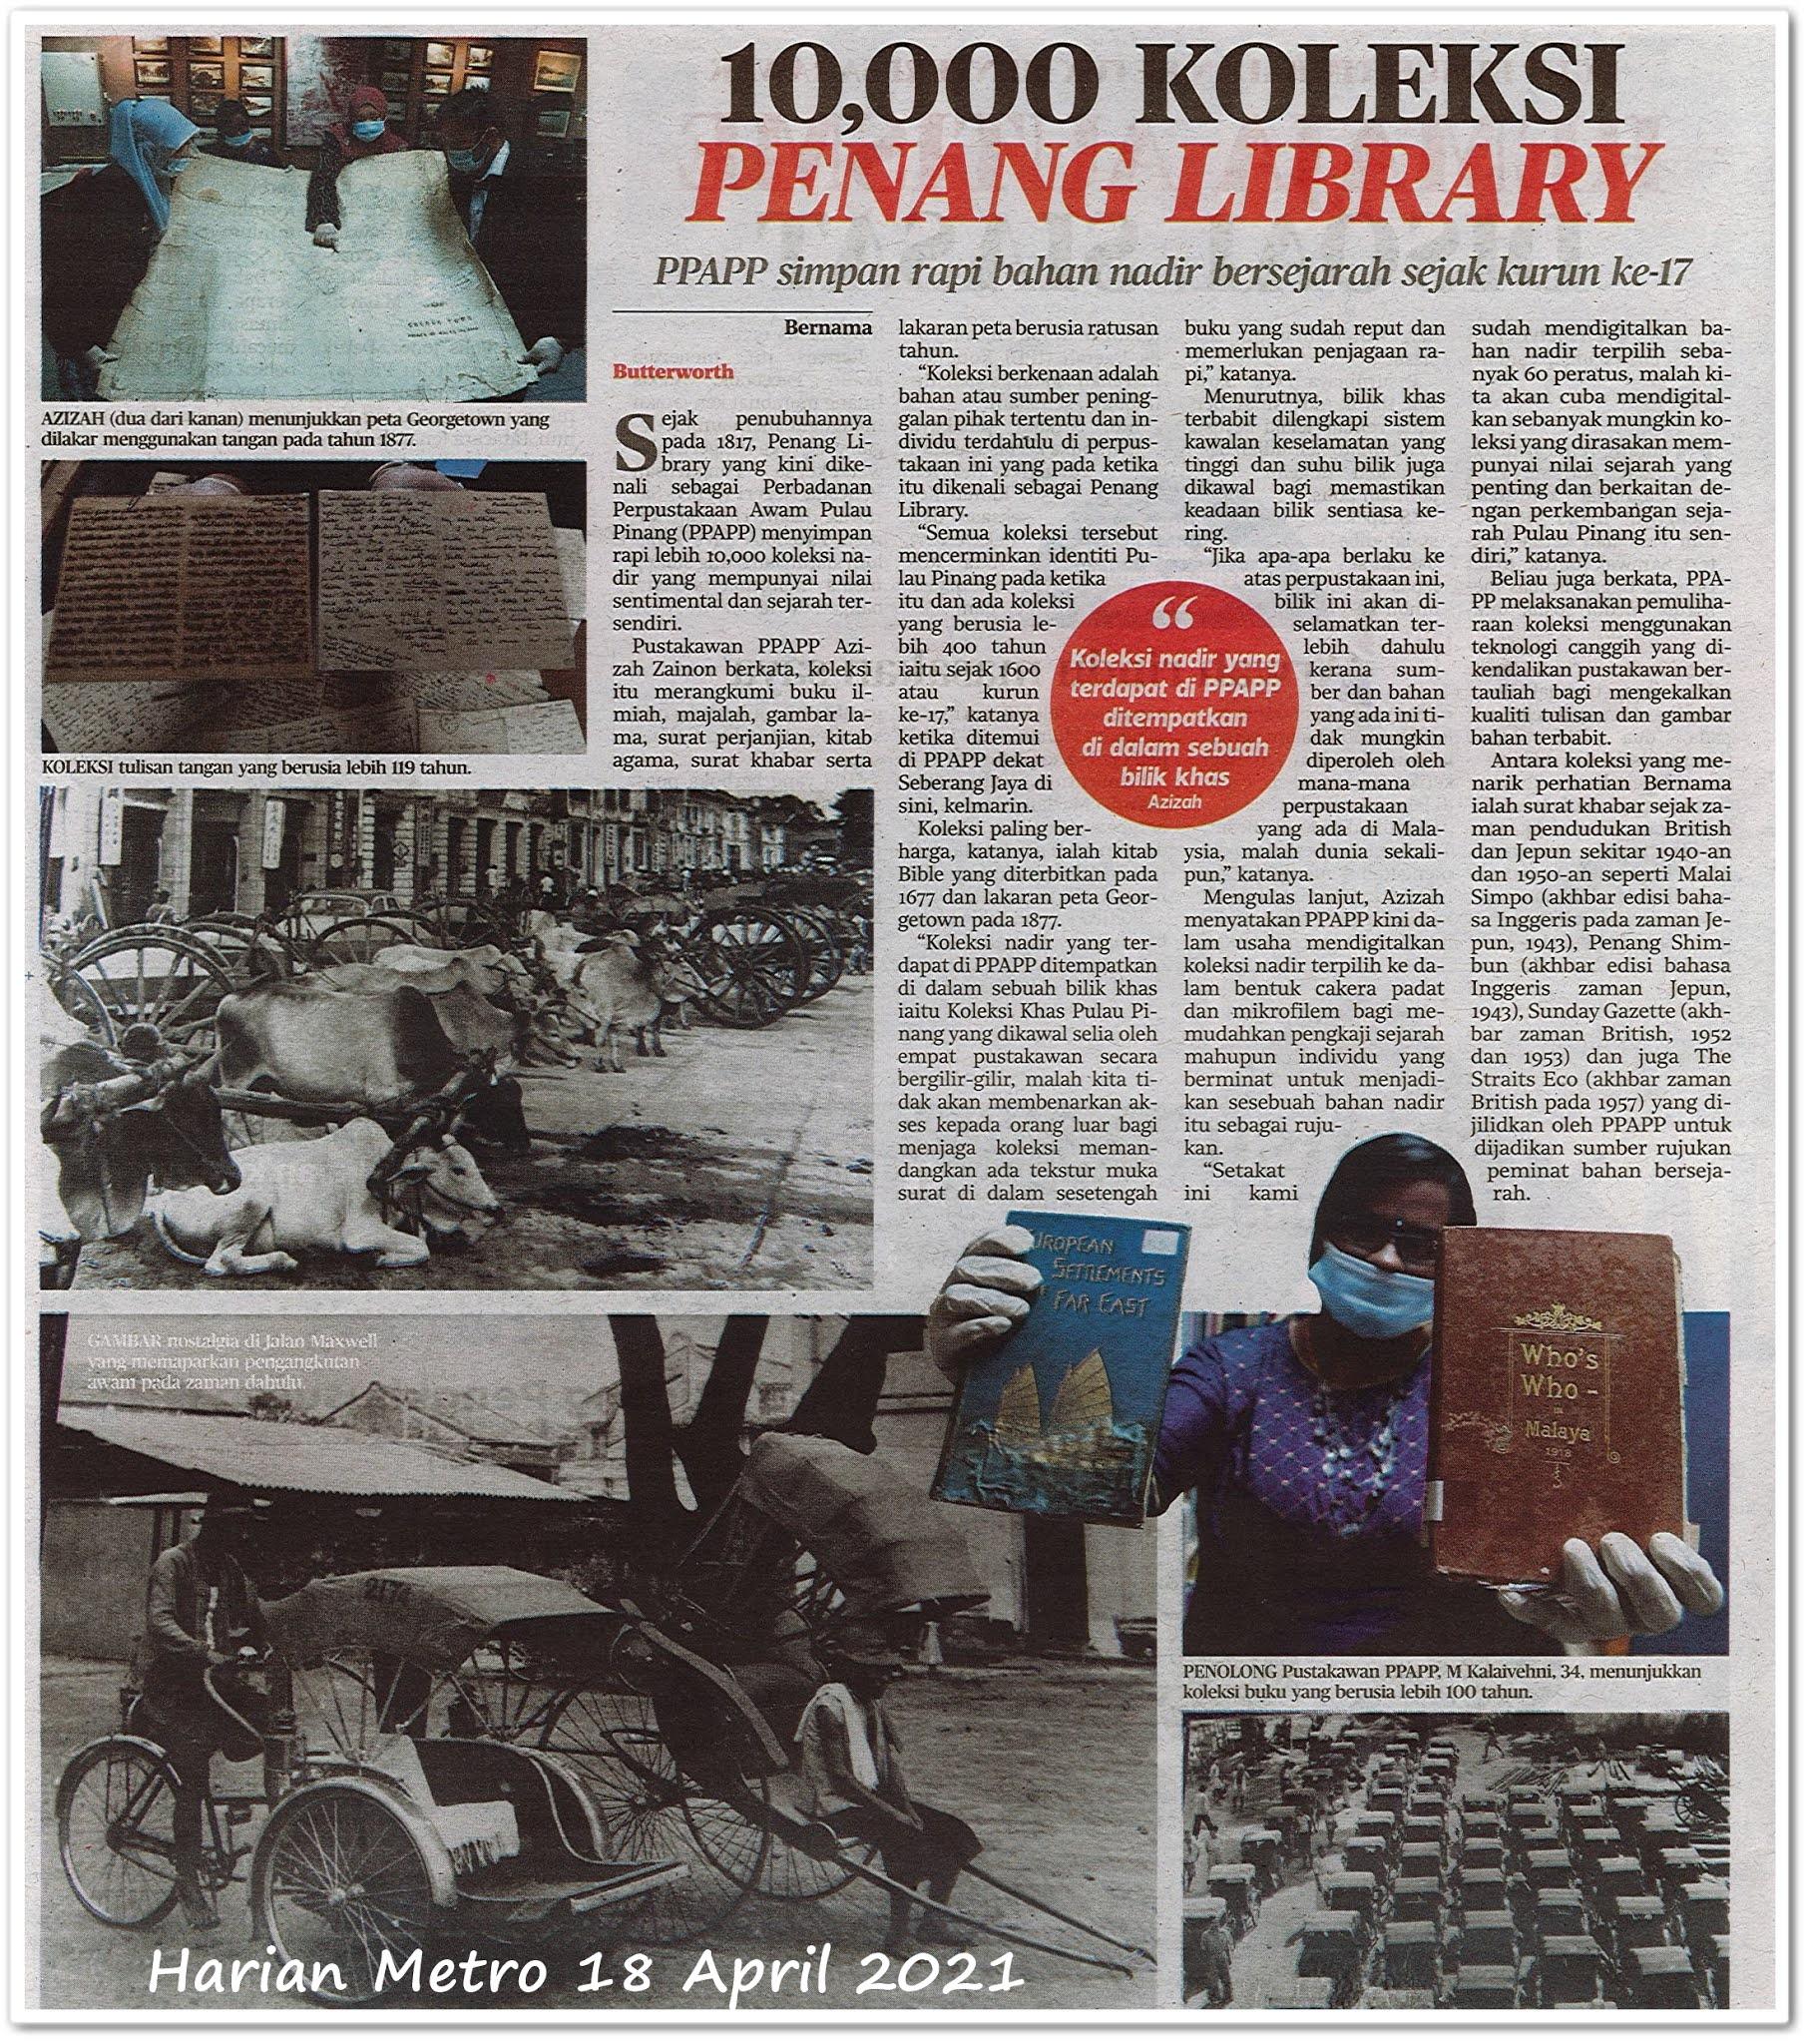 10,000 koleksi Penang Library - Keratan akhbar Harian Metro 18 April 2021